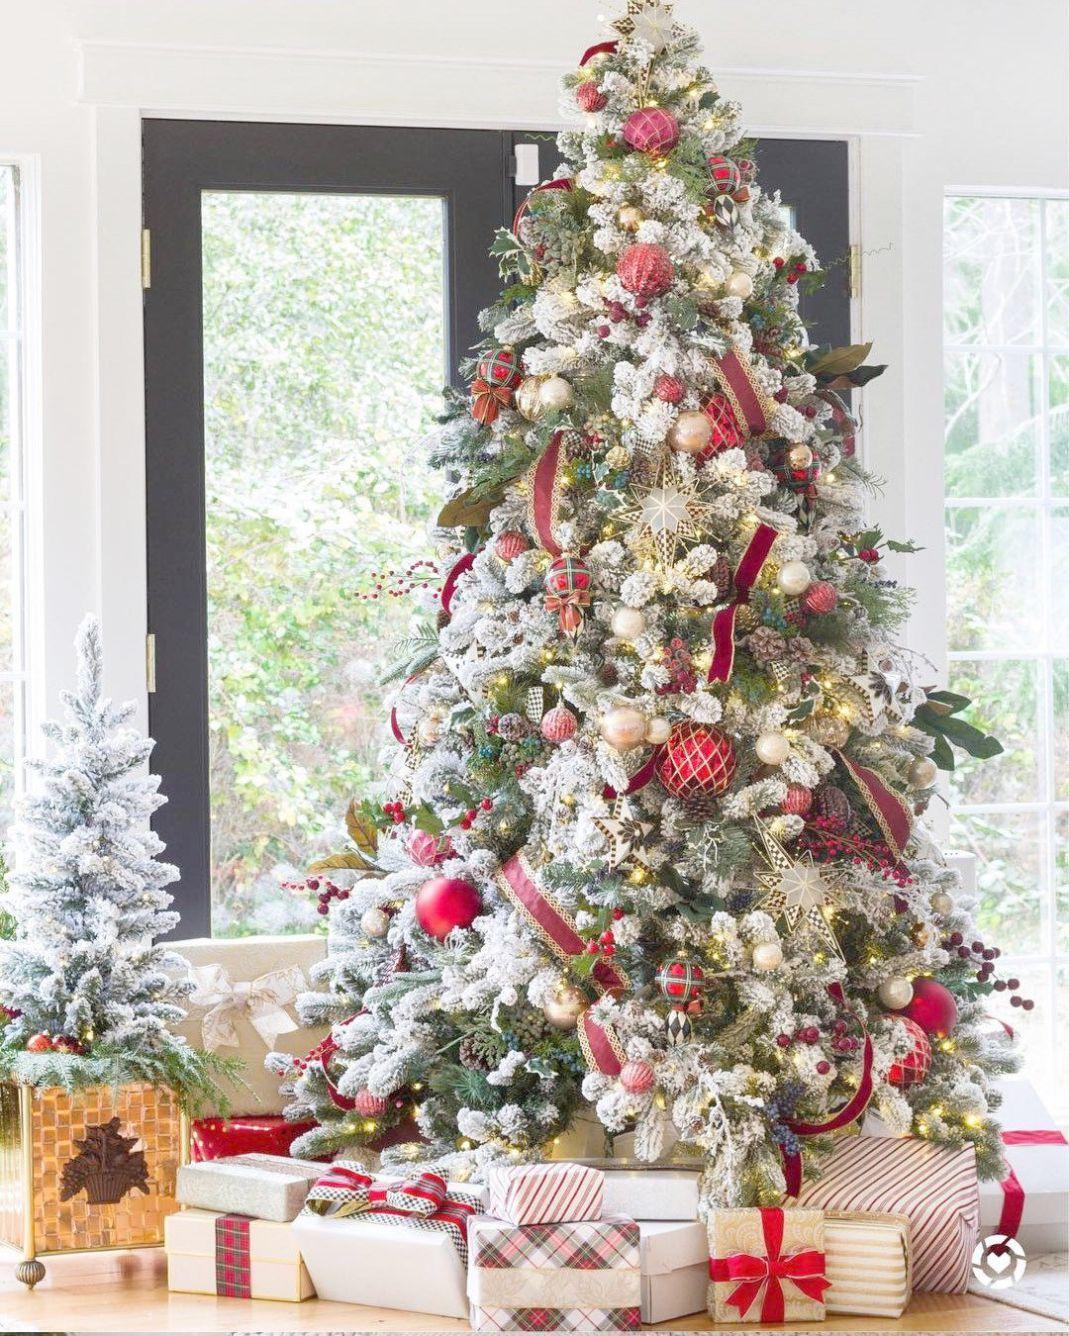 Christmas Chronicles Target An Christmas Tree Sale Clearance Amazon Christmas Tree Inspiration Beautiful Christmas Trees Christmas Tree Themes